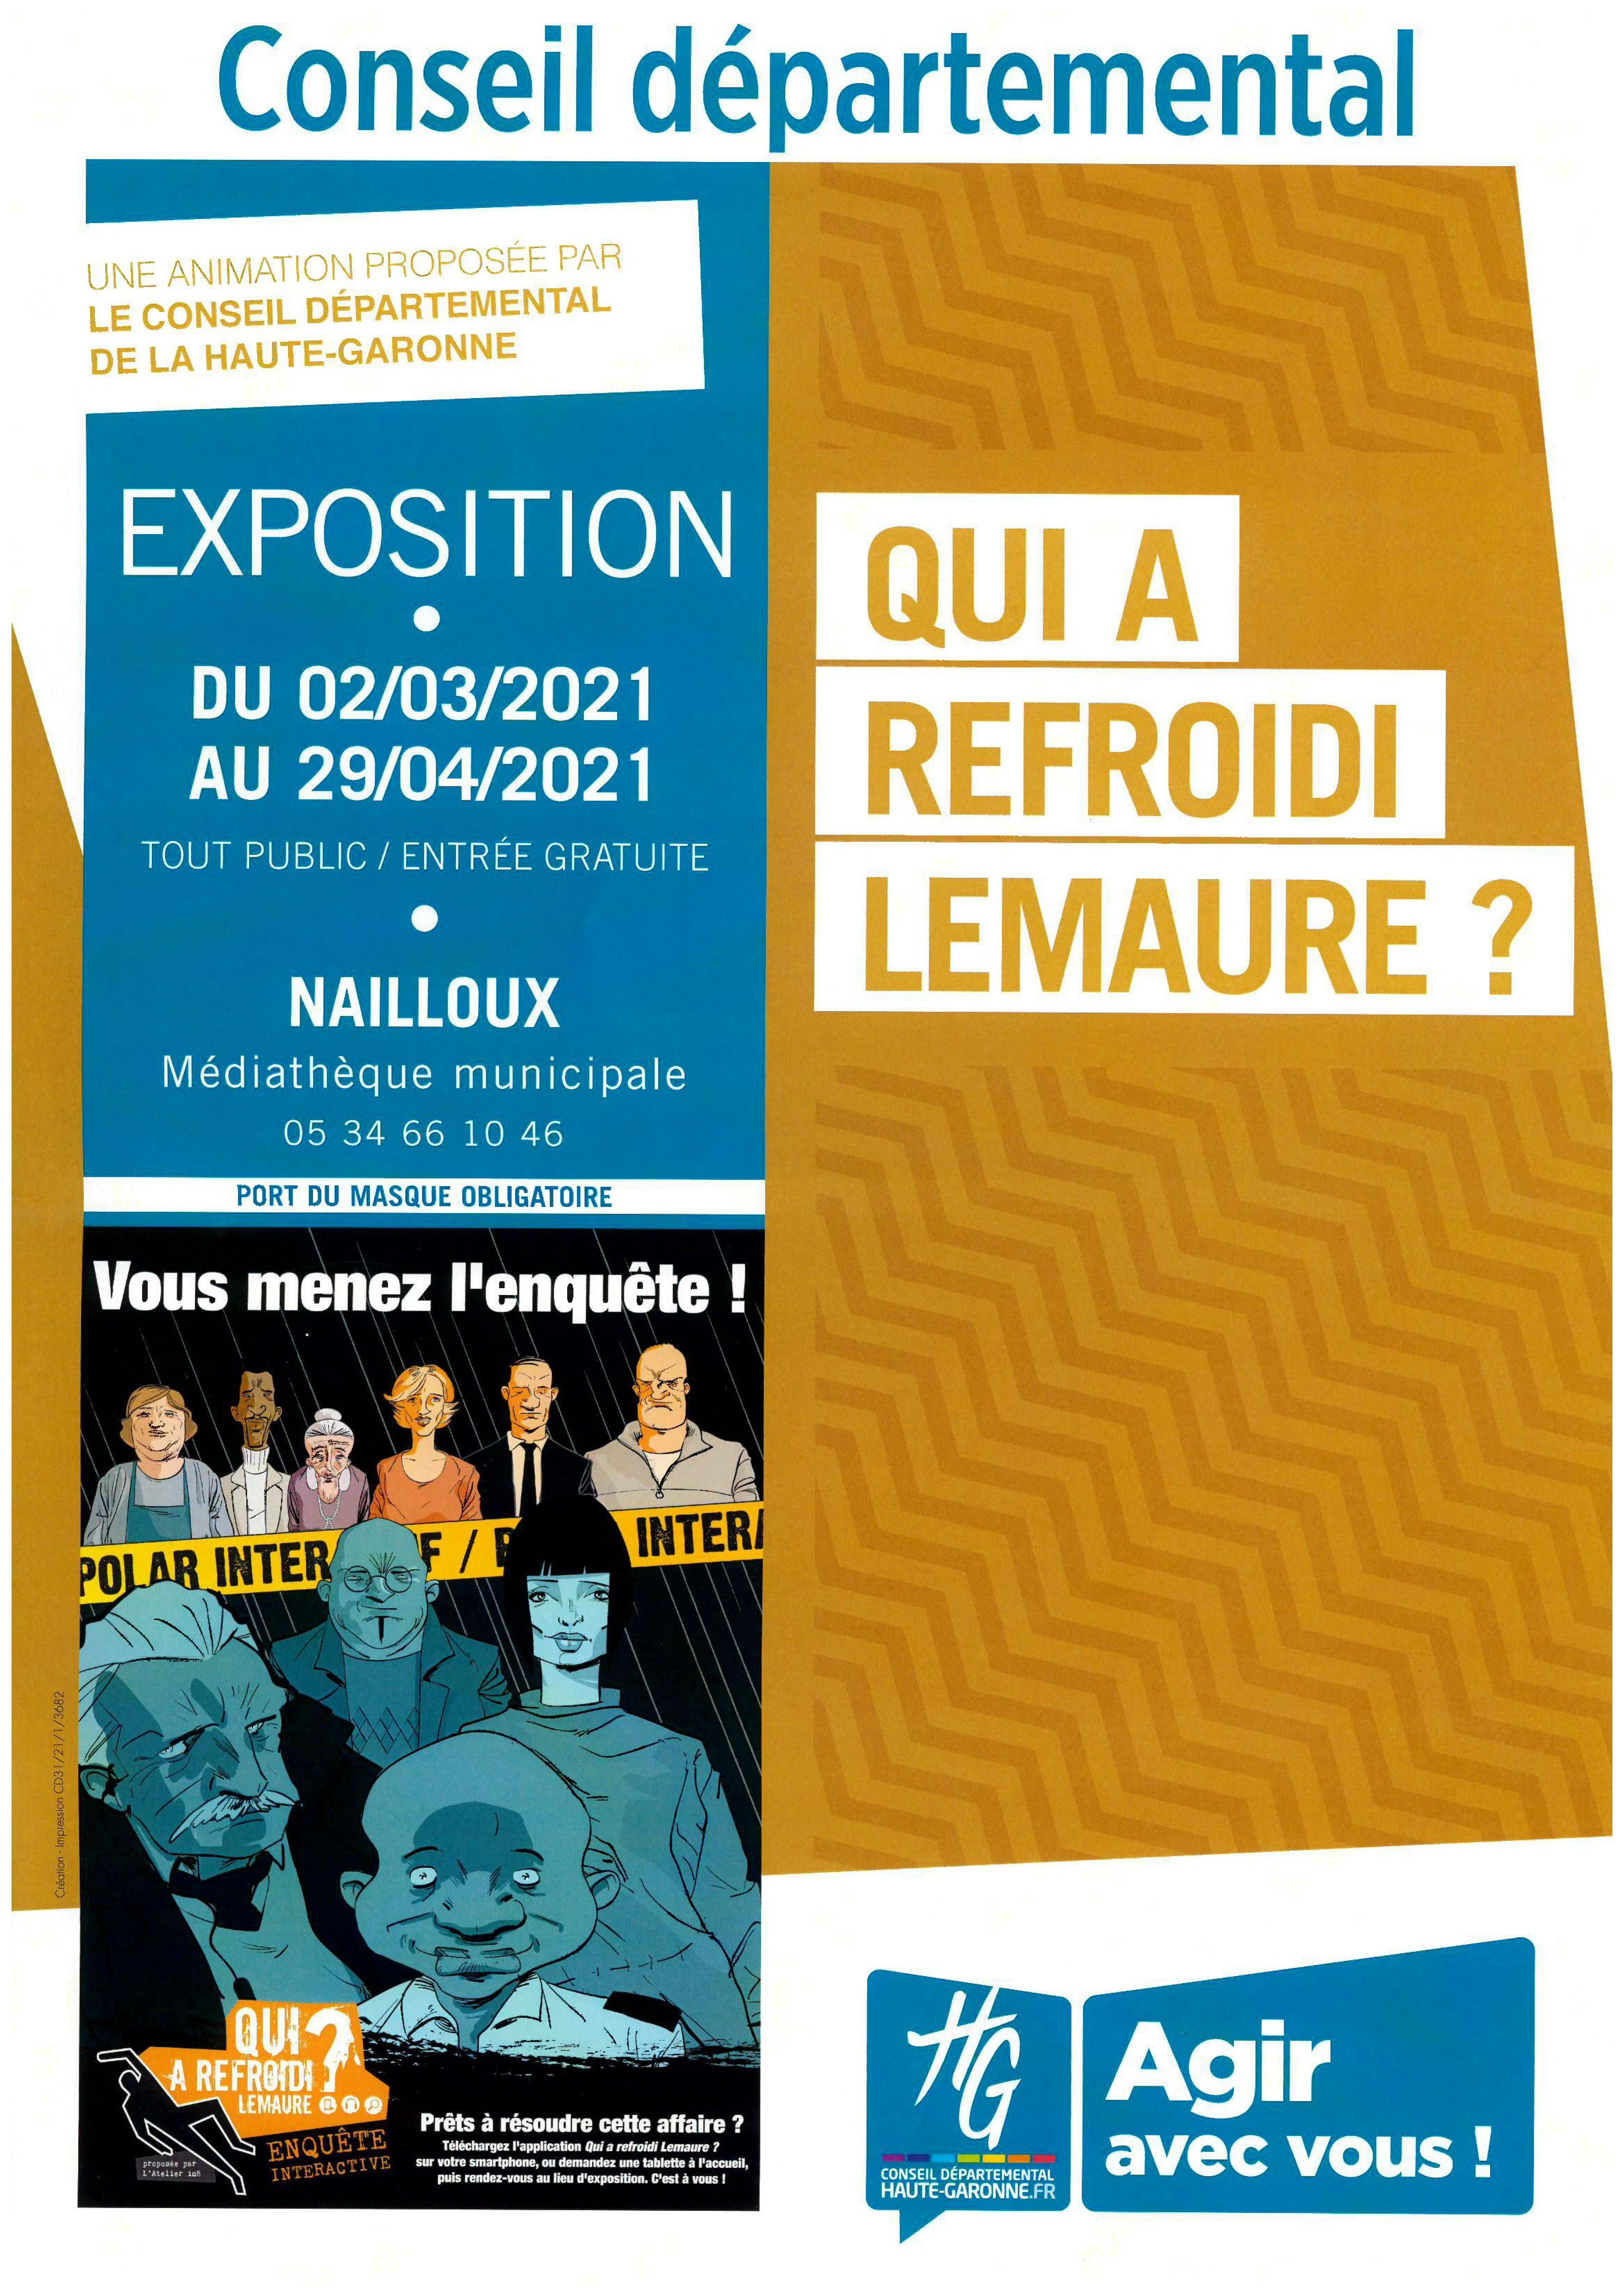 Qui a refroidi Lemaure ? - Médiathèque Départementale de la Haute-Garonne